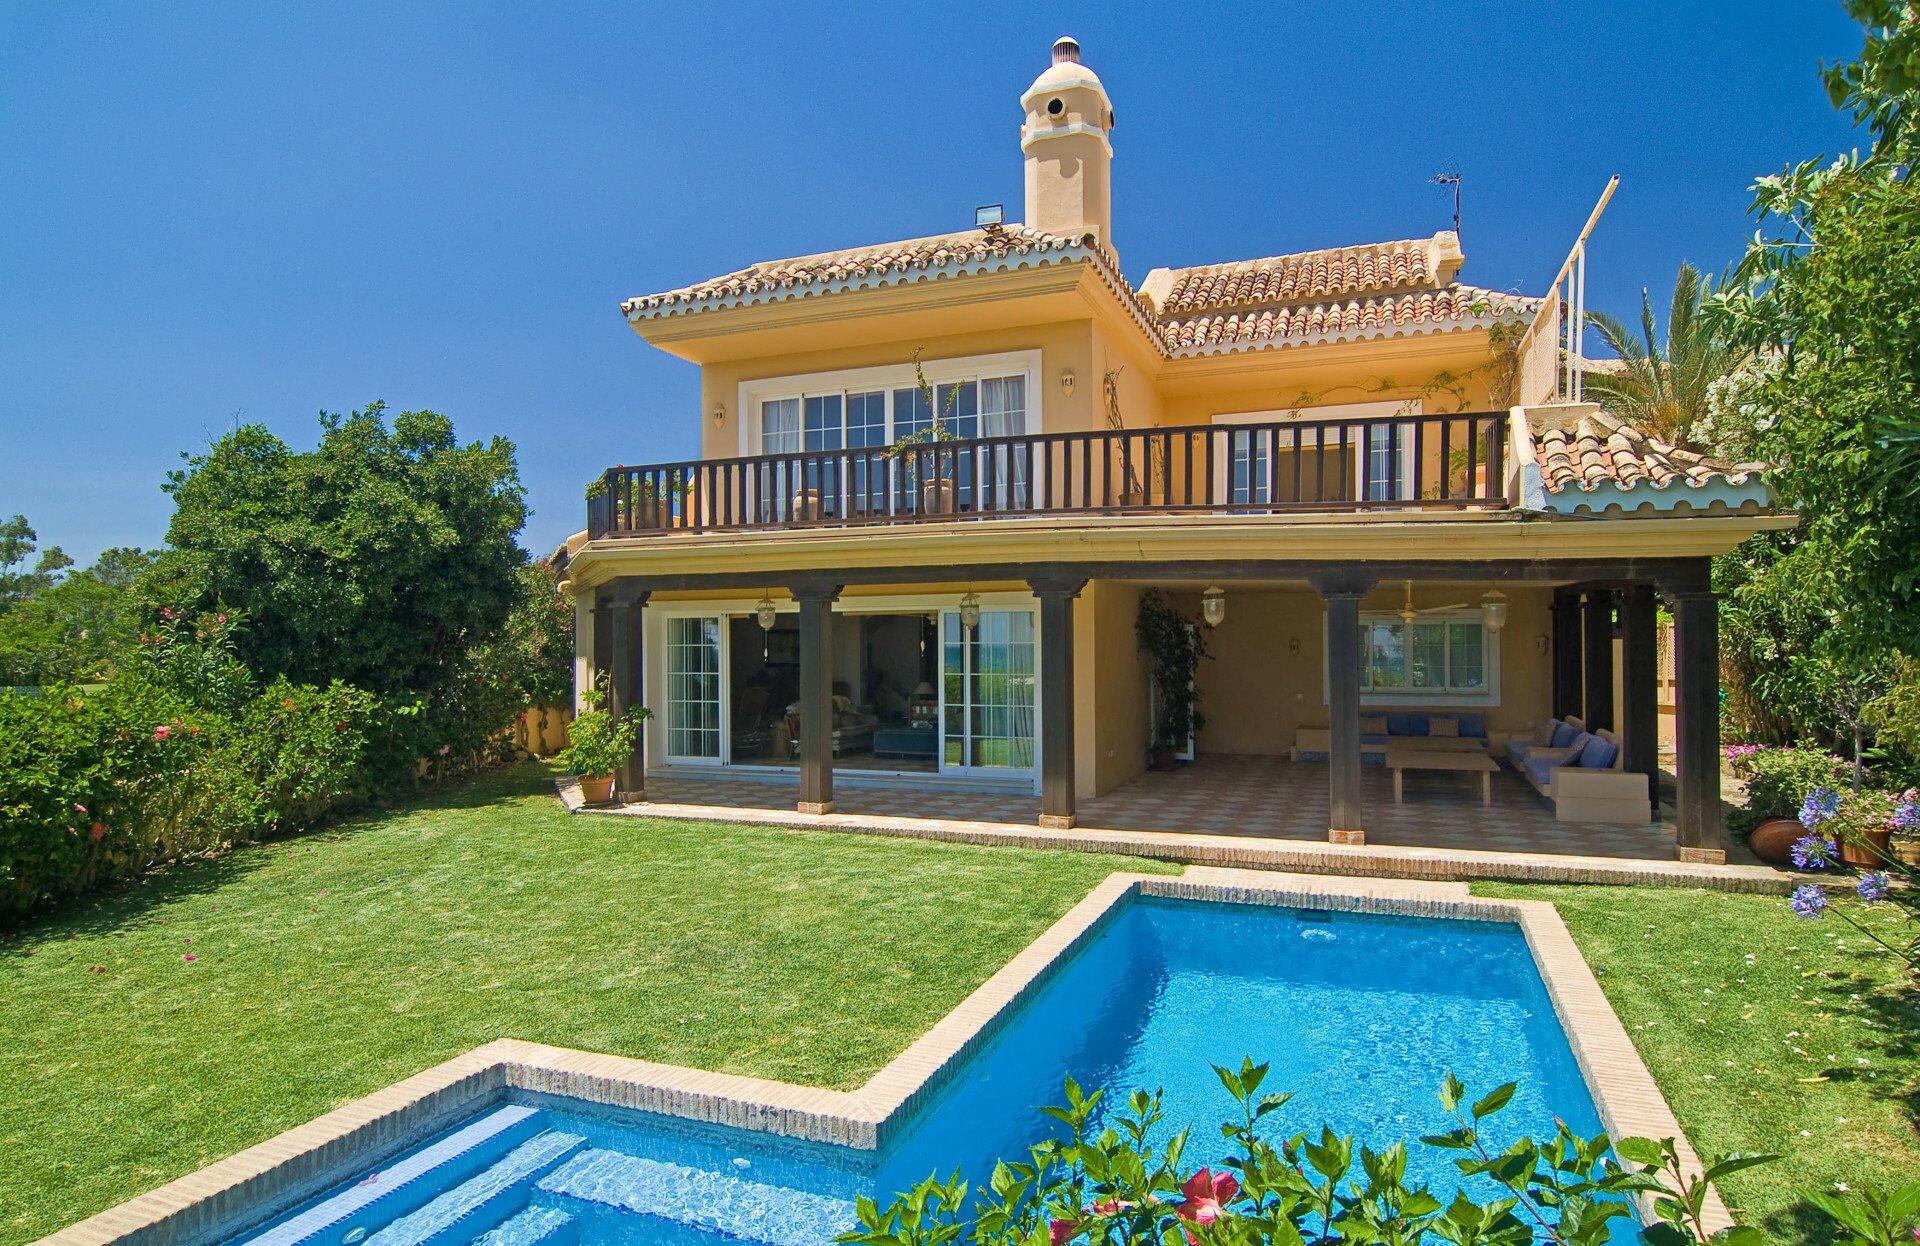 Villa in San Pedro de Alcántara, Andalusia, Spain 1 - 10566051